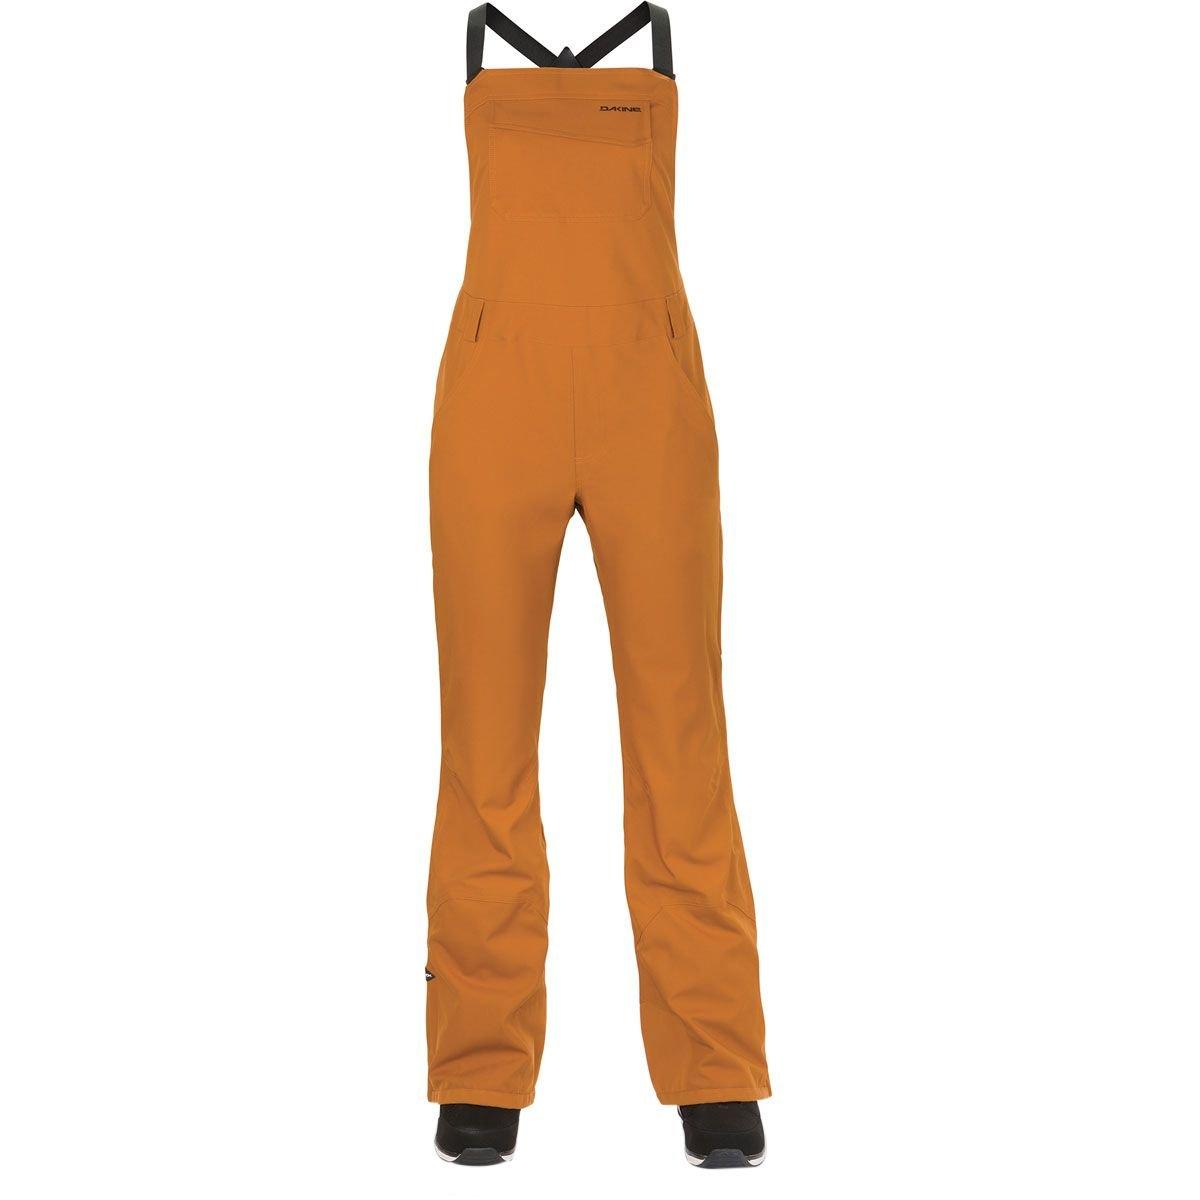 Dakine Women's Mackenzie Bib Pants, Ginger, M